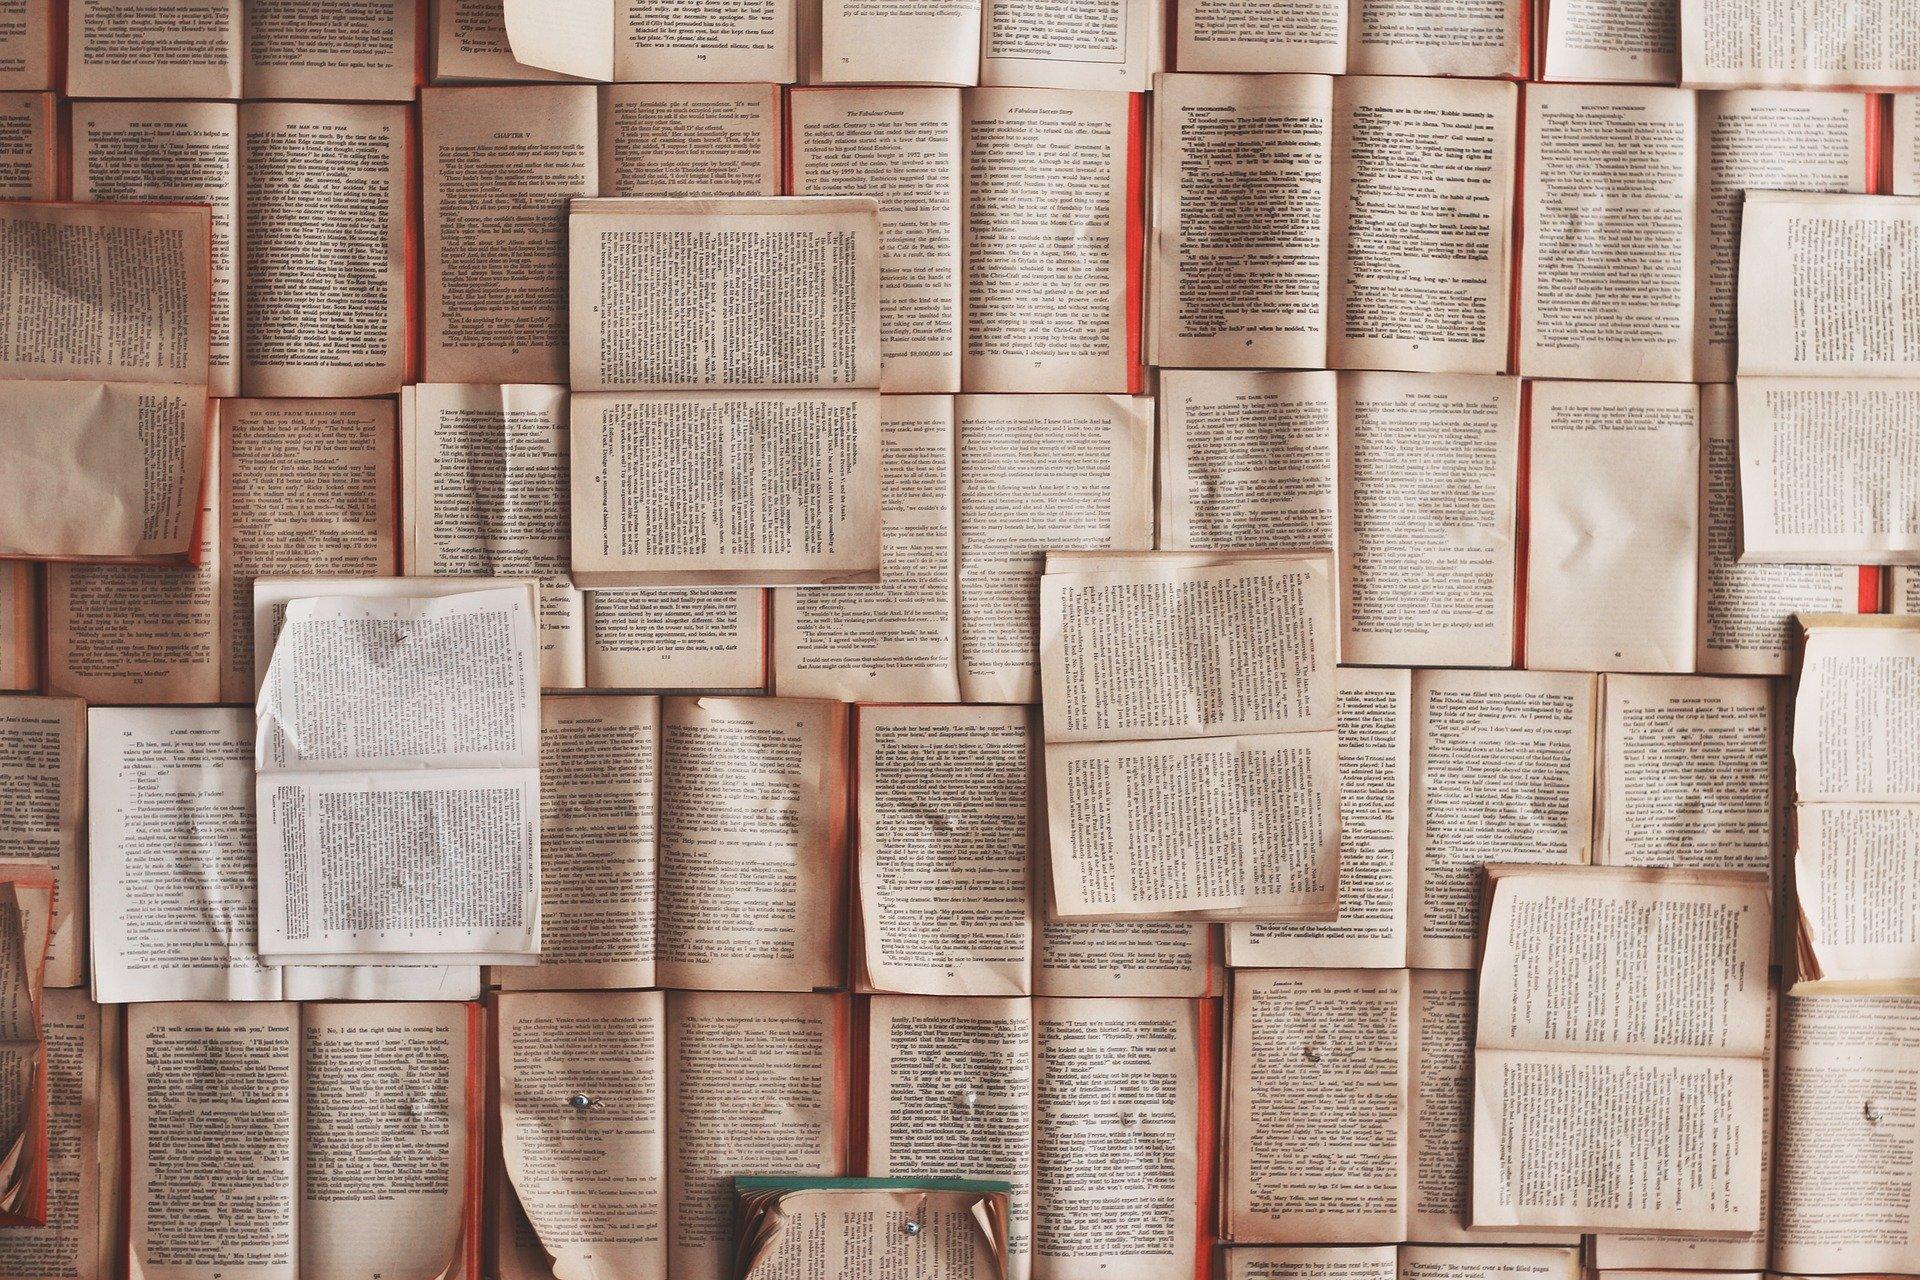 Des livres ouverts posés les uns à côté des autres